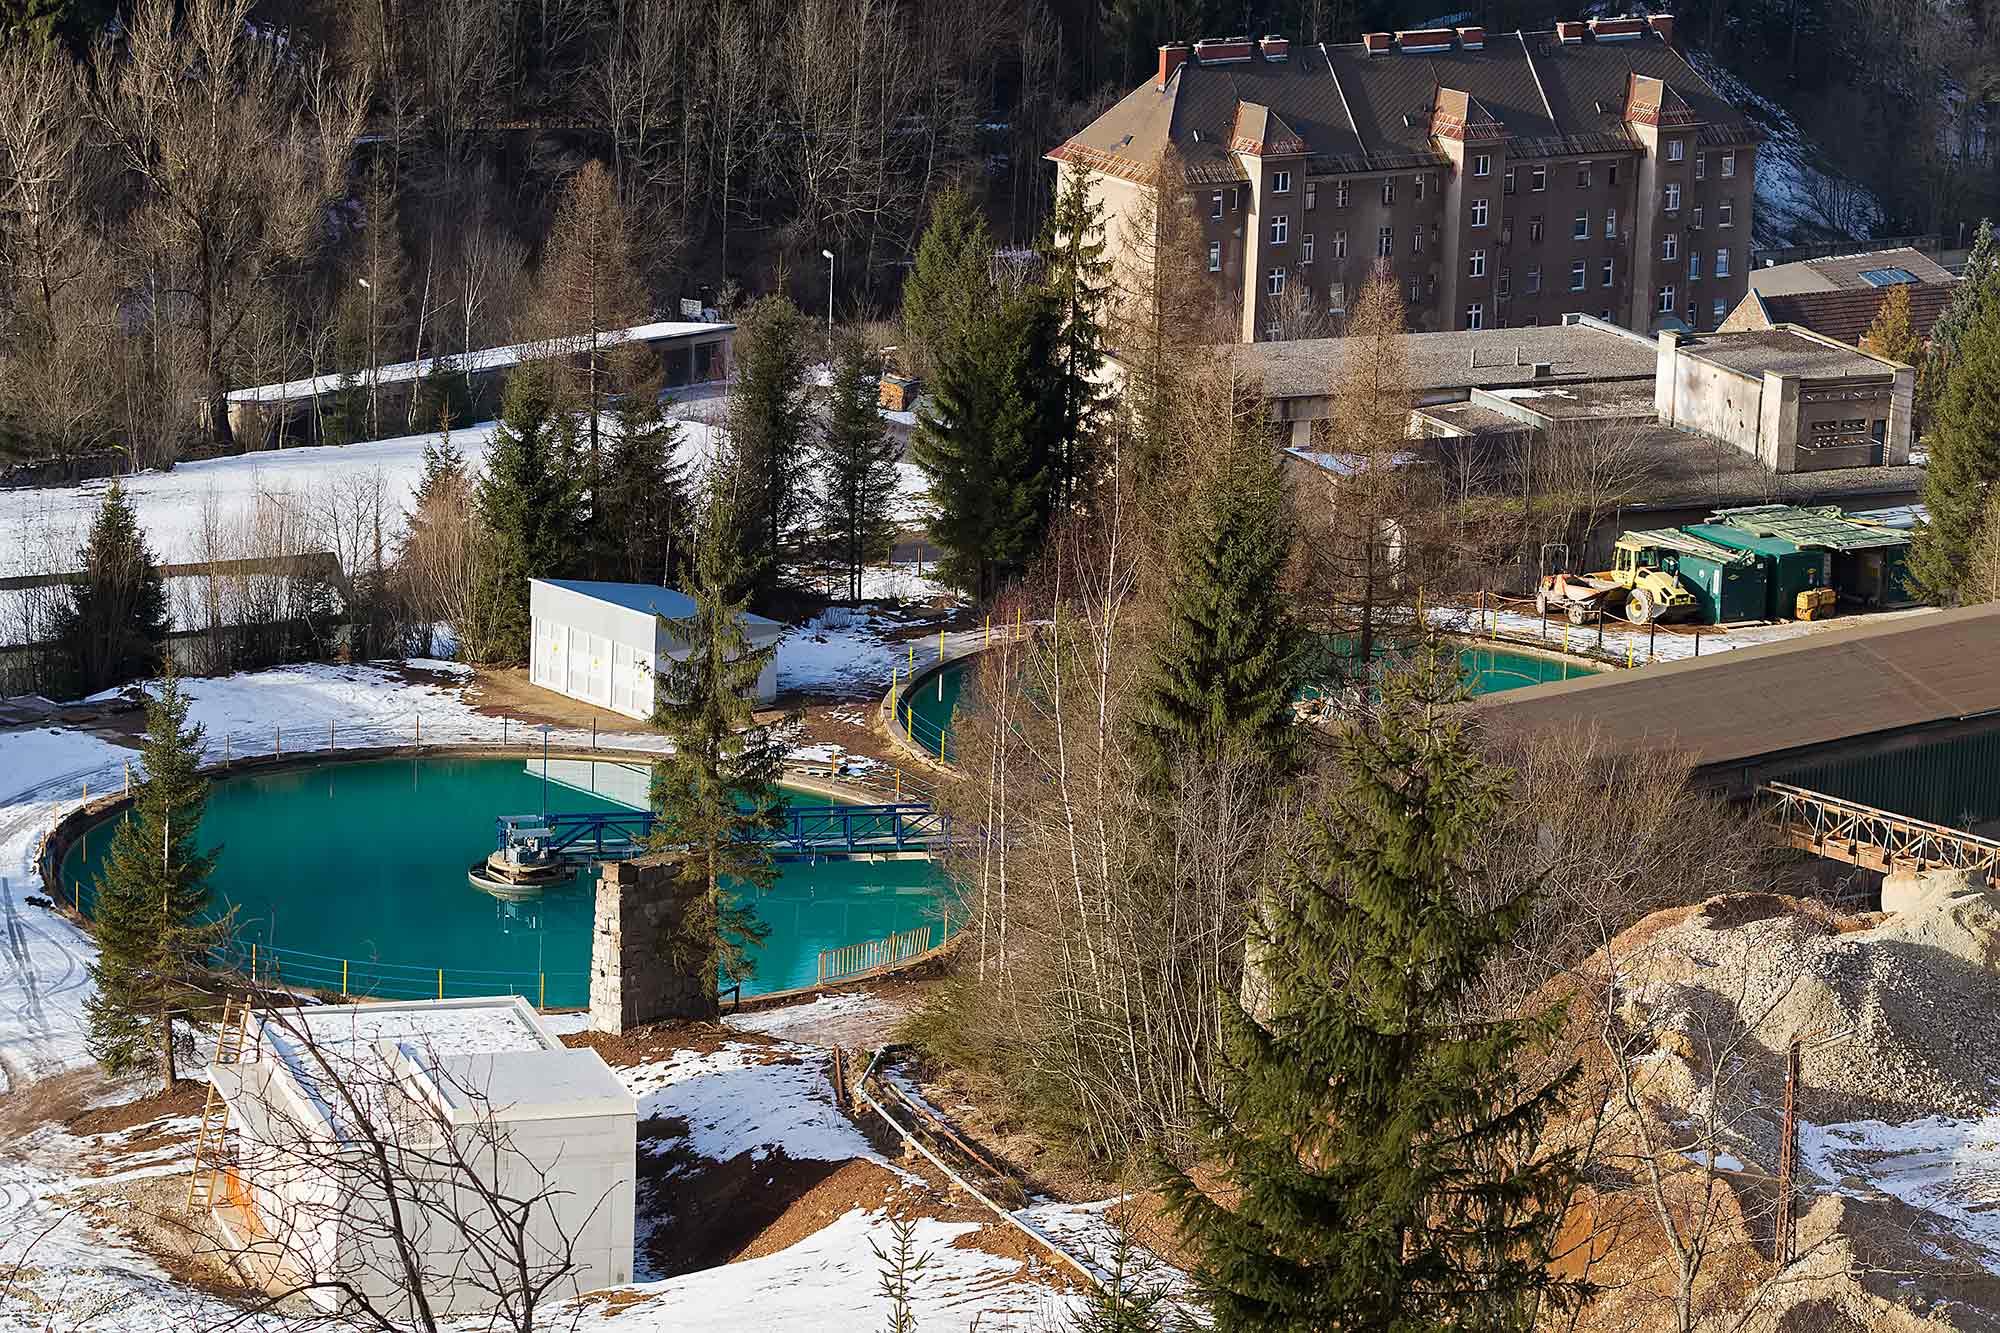 Eisenerz in Styria. © Ulli Maier & Nisa Maier